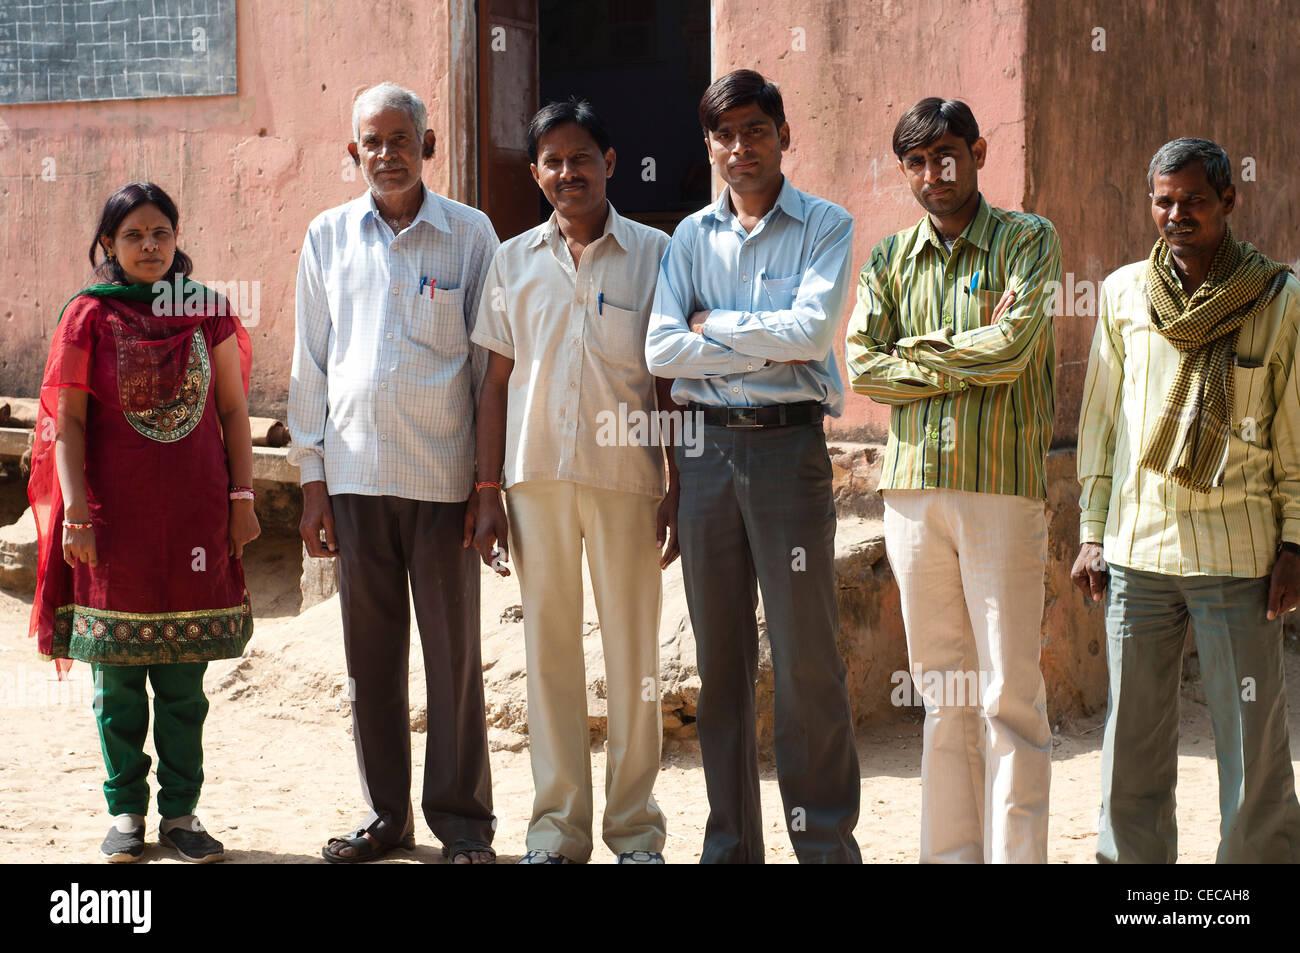 Lehrer, Dorfschule in der Nähe von Jaipur, Rajasthan, Indien Stockbild